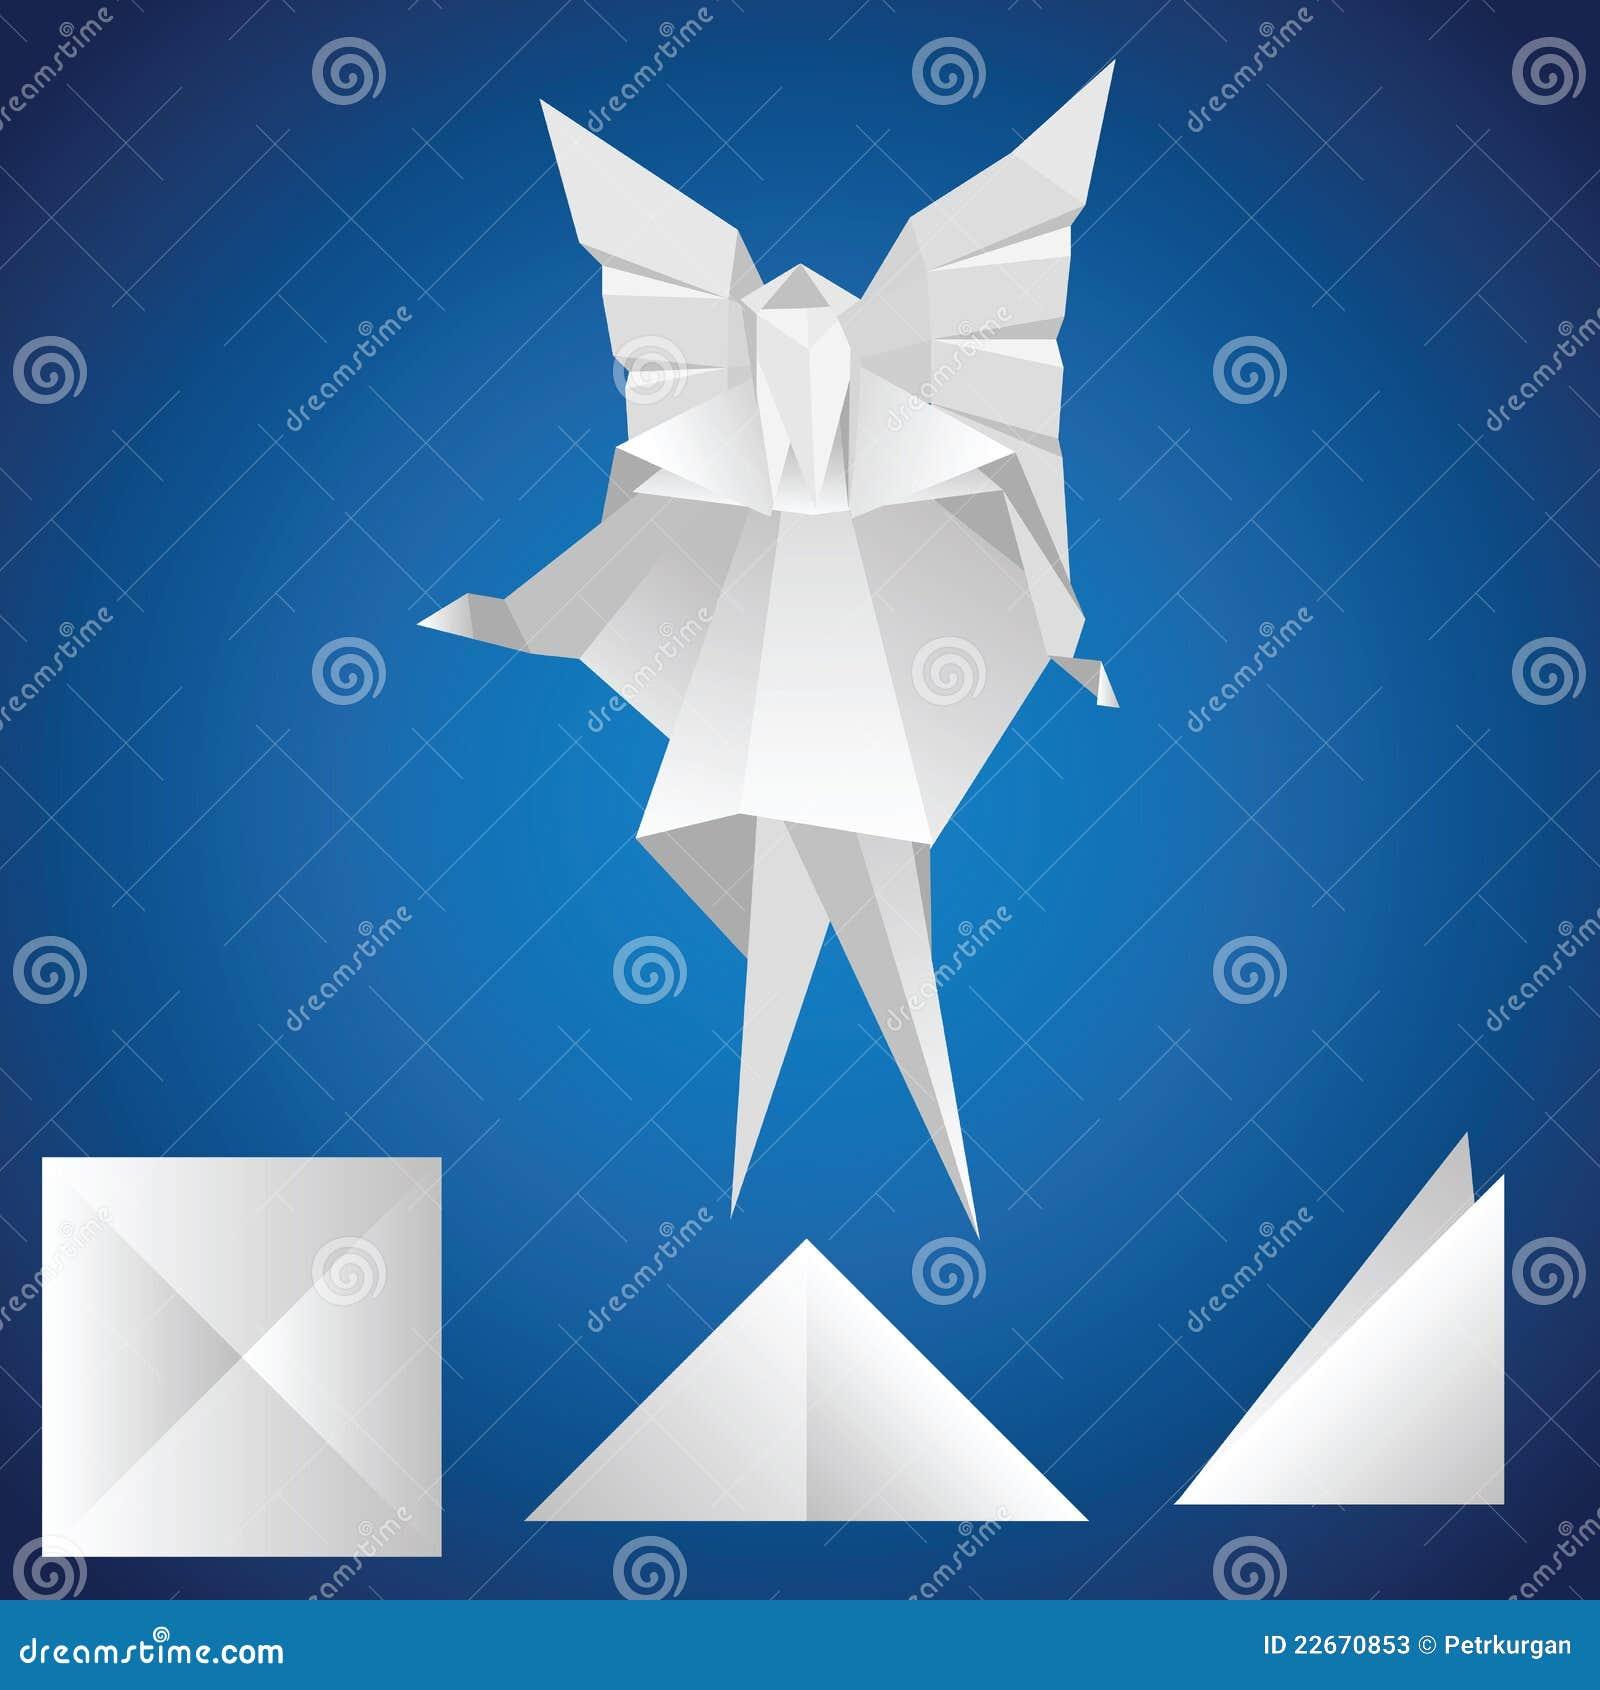 engel origami vector illustratie afbeelding bestaande. Black Bedroom Furniture Sets. Home Design Ideas